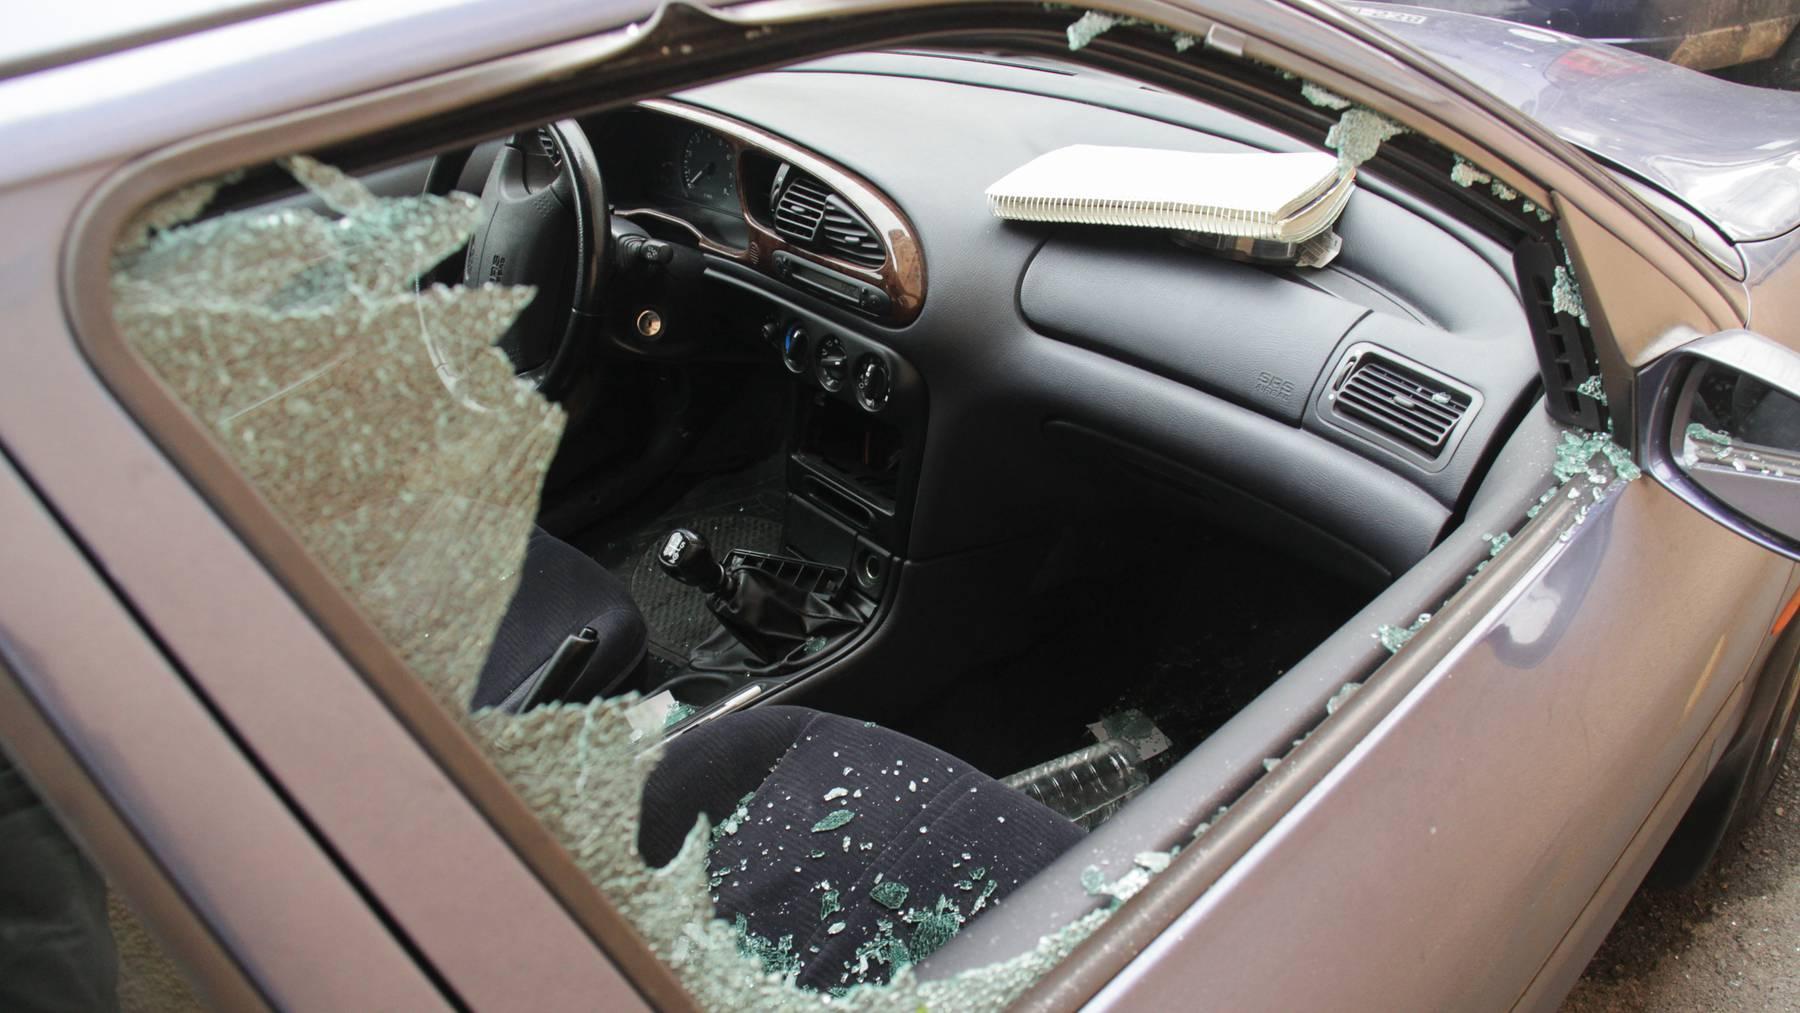 Aus den Fahrzeugen wurden Ausweisdokumente sowie Wert- und Gebrauchsgegenstände gestohlen. (Symbolbild)